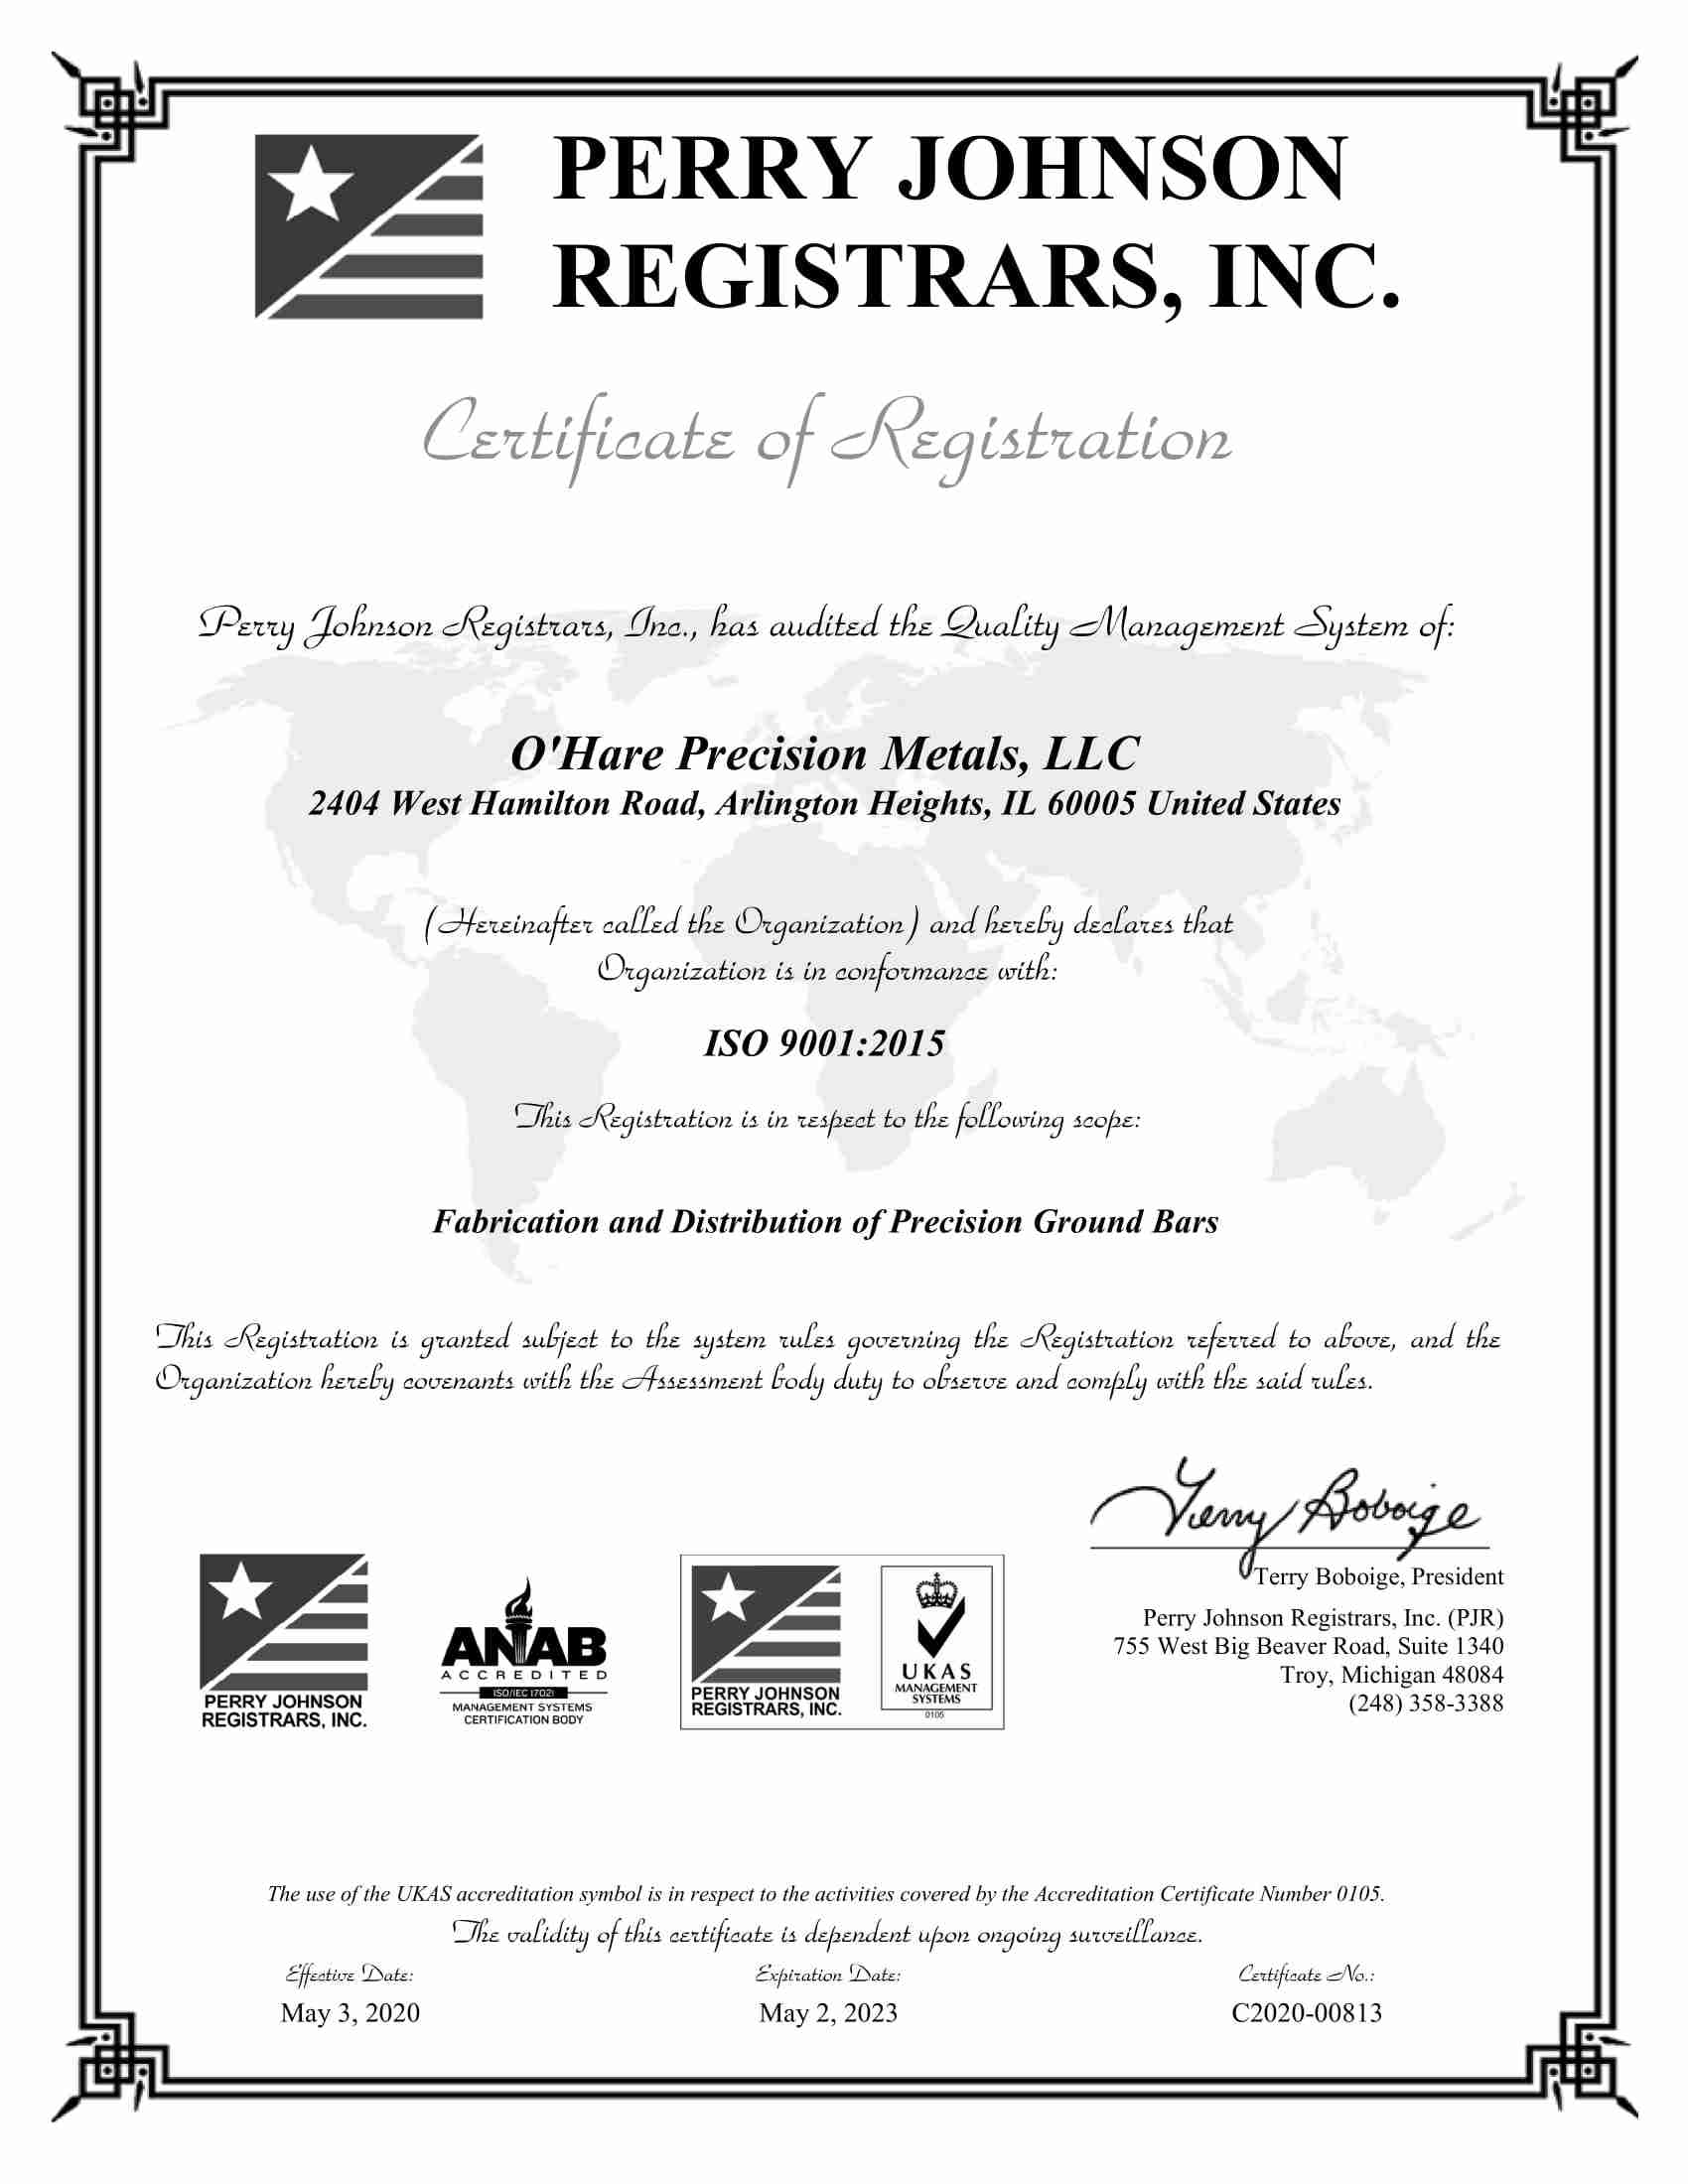 O'Hare Precision Metals, LLC Final Cert 2020